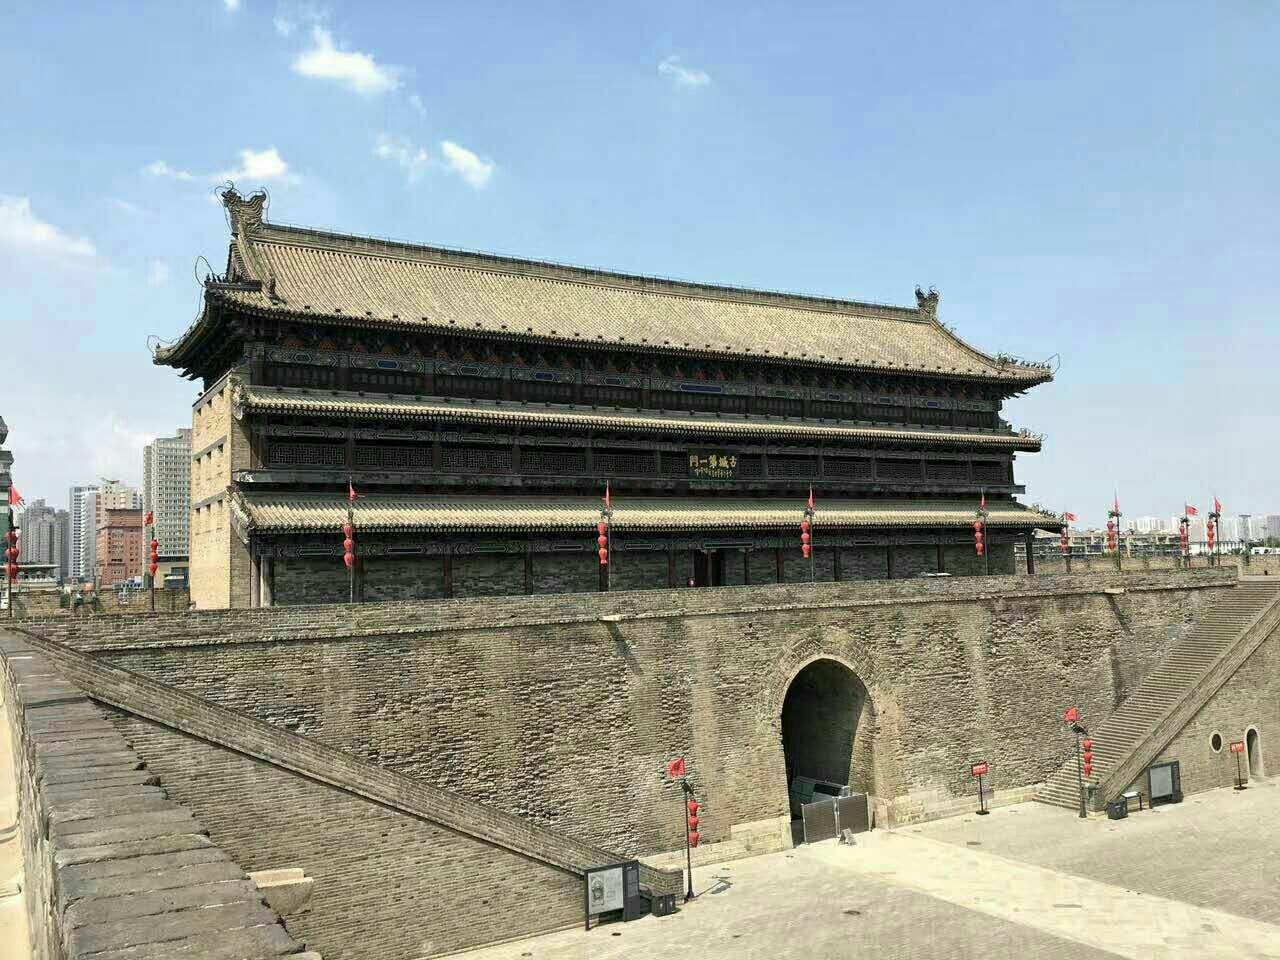 天津城墙旅游景点攻略图西安海河v城墙一日游攻略图片